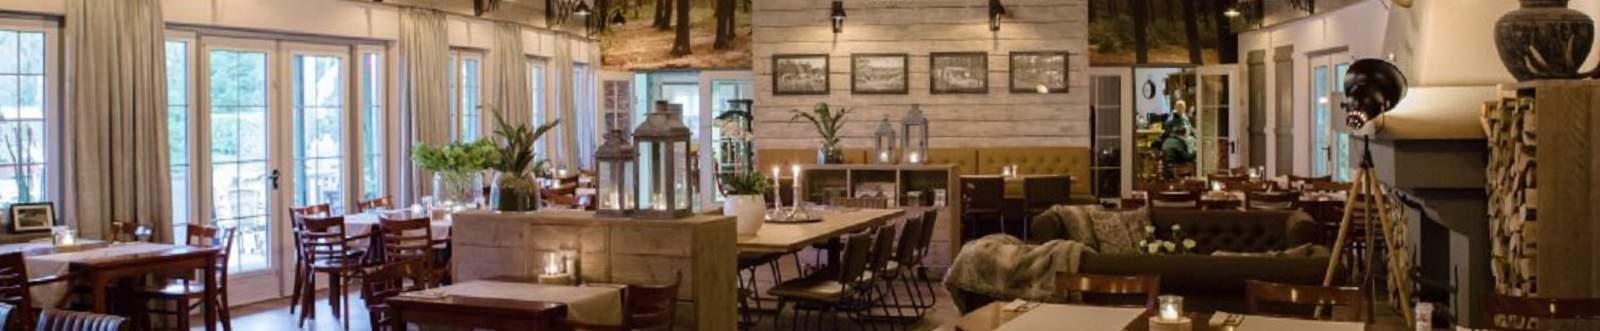 Restaurant Gasterij Wildryck Diever.